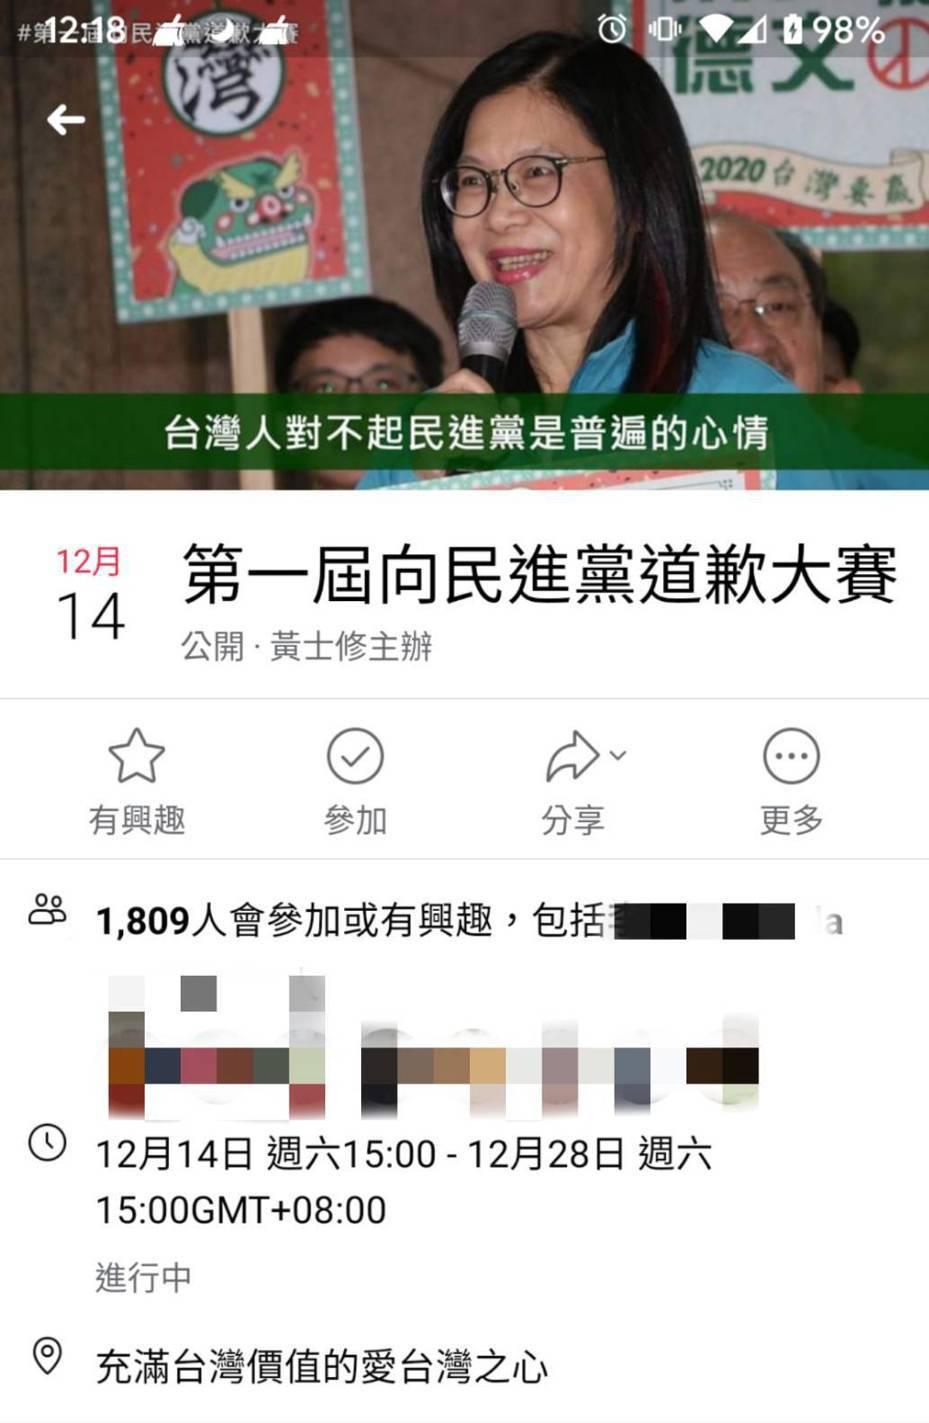 黃士修在臉書上舉辦「第一屆向民進黨道歉大賽」。圖/擷取自活動頁面